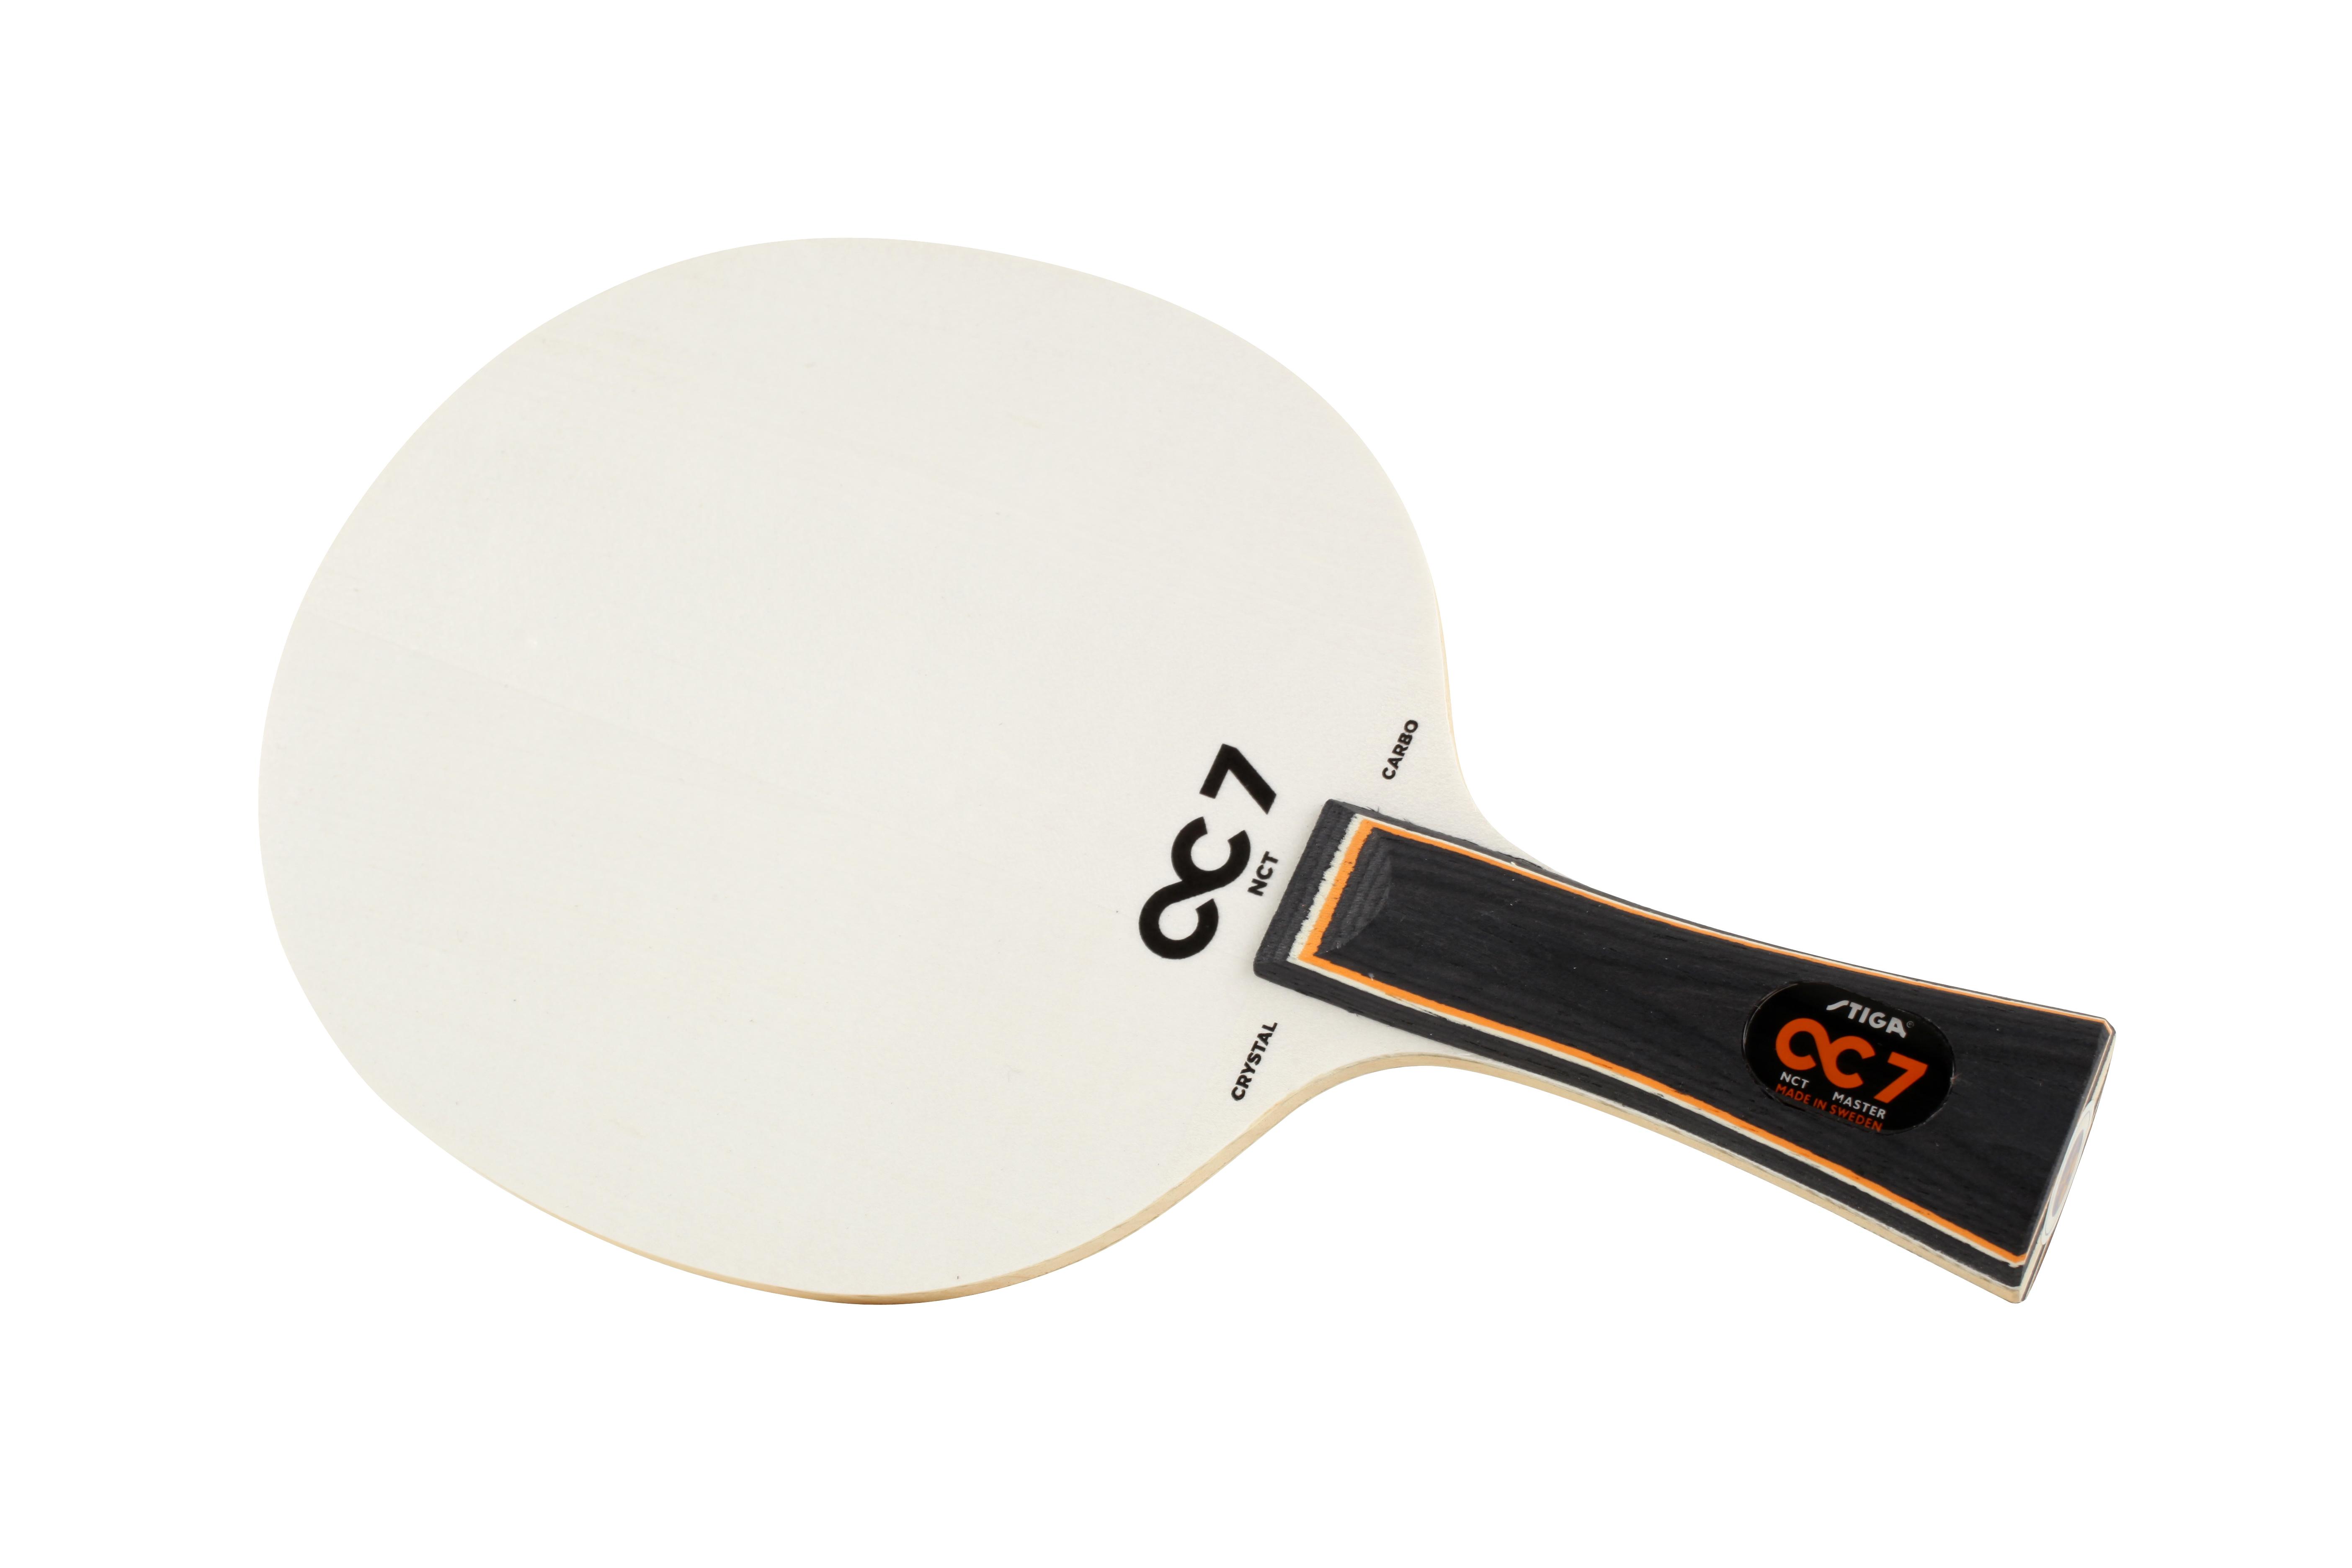 stiga-cc7-nct-tischtennis-holz